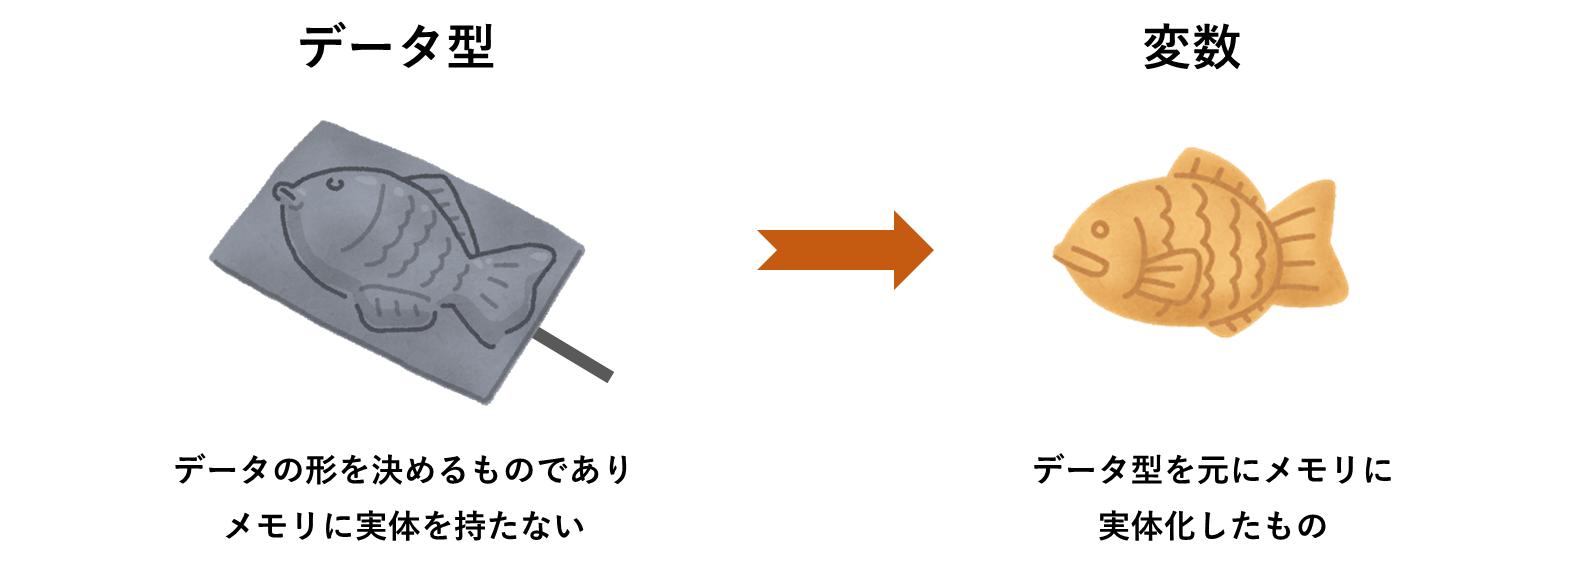 型と変数の違い